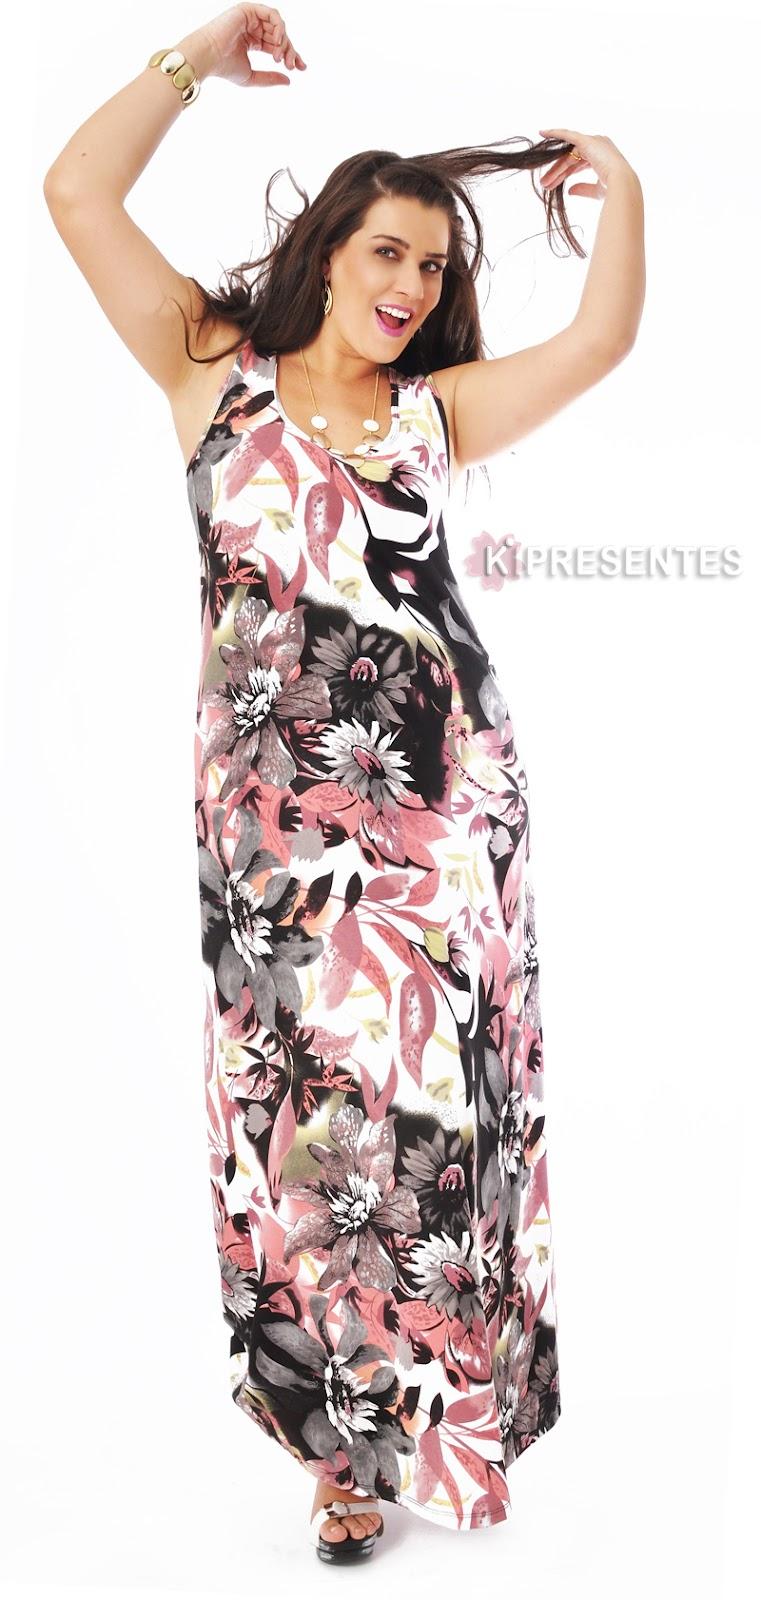 6a4696270 ... de venda de roupas Online que em breve facilitará mais ainda as compras  Online de peças exclusivas femininas tamanhos grandes